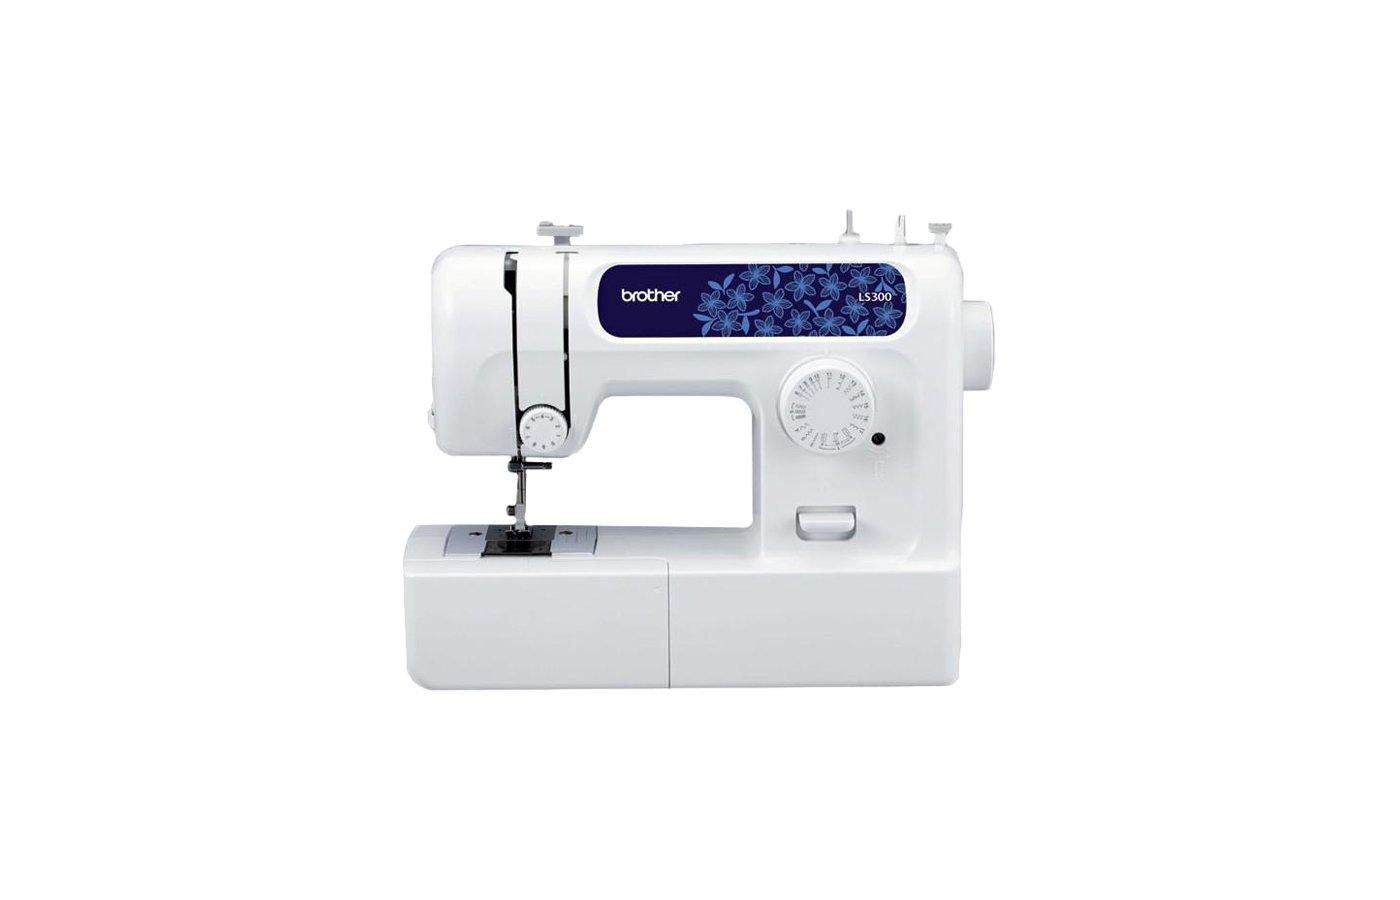 Швейная машина BROTHER LS 300